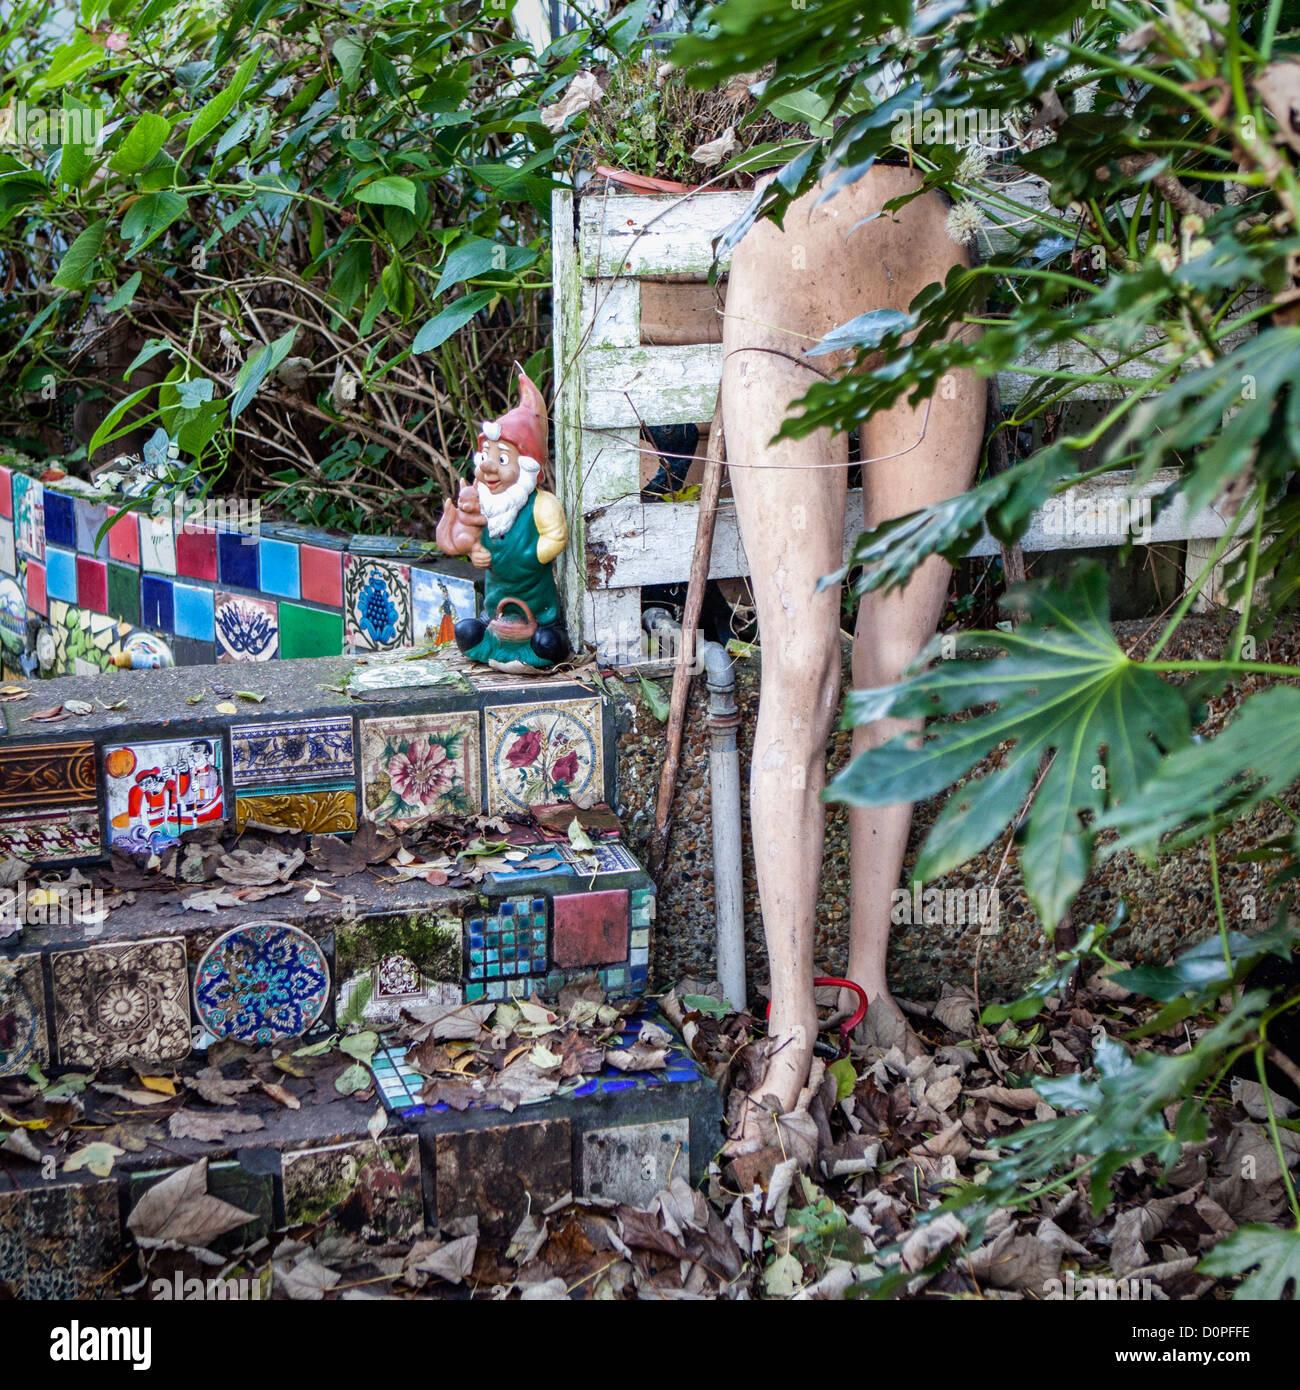 Quirky/jardin d'une maison sur l'île Pie de l'anguille qui est le foyer d'une communauté Photo Stock